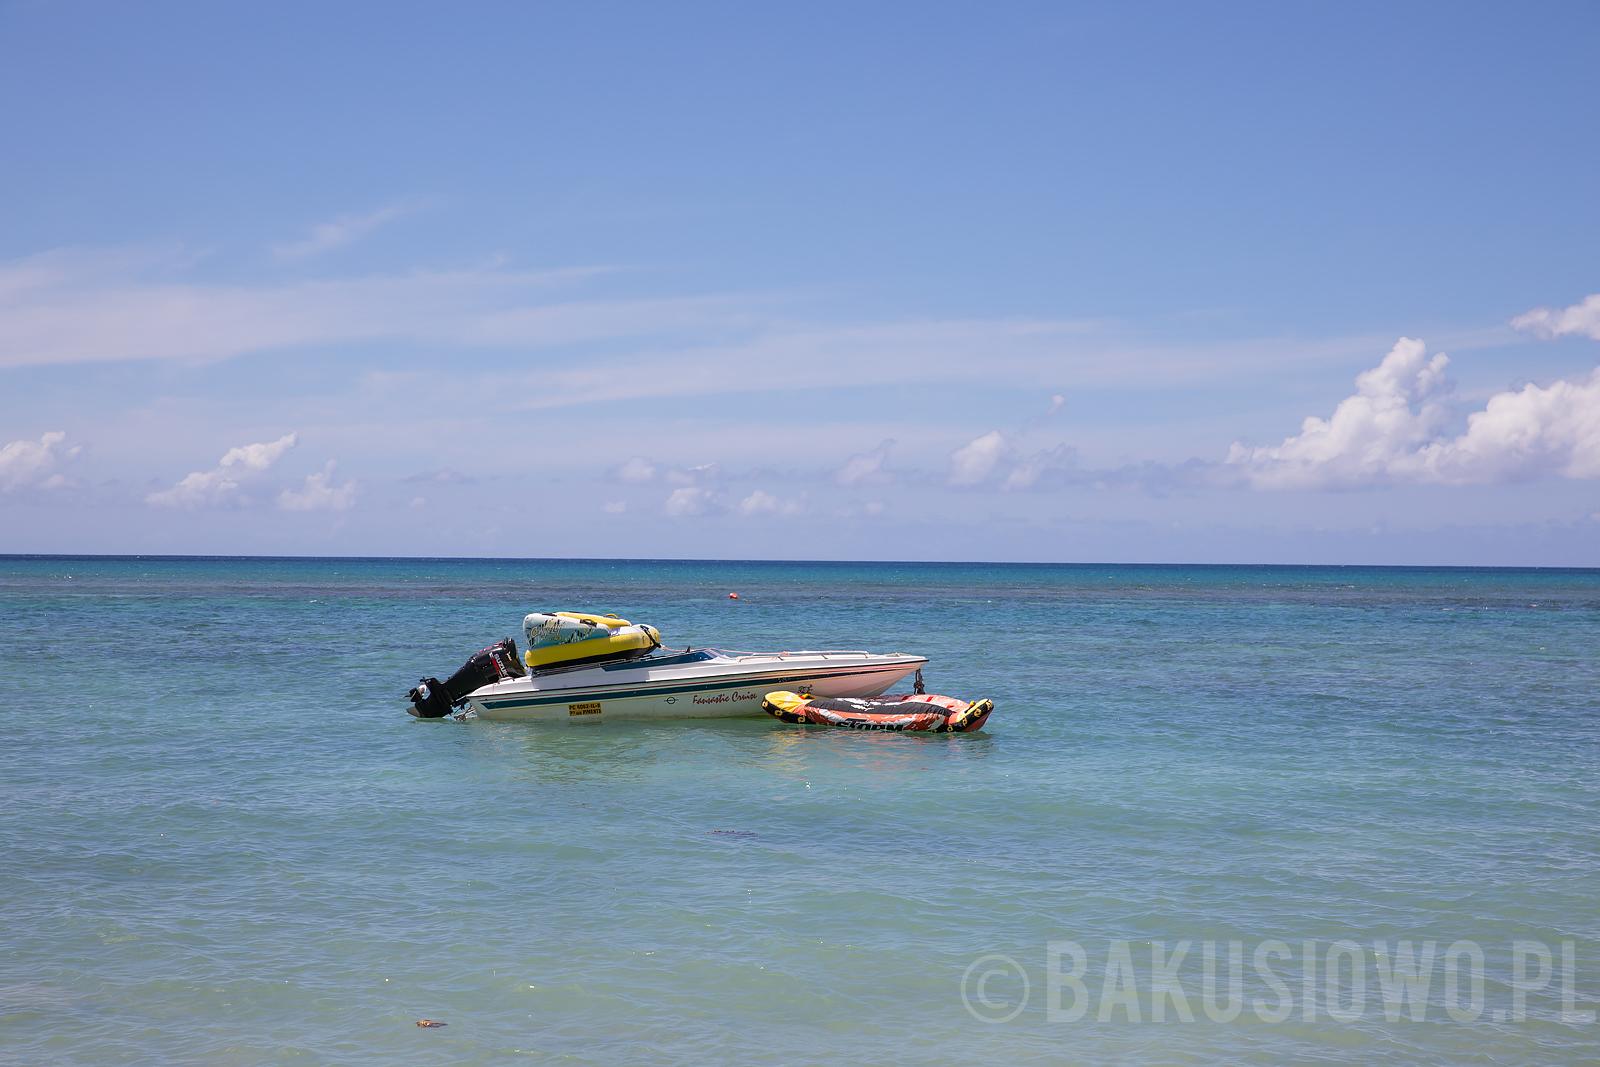 mauritius-le-meridien-photos-60